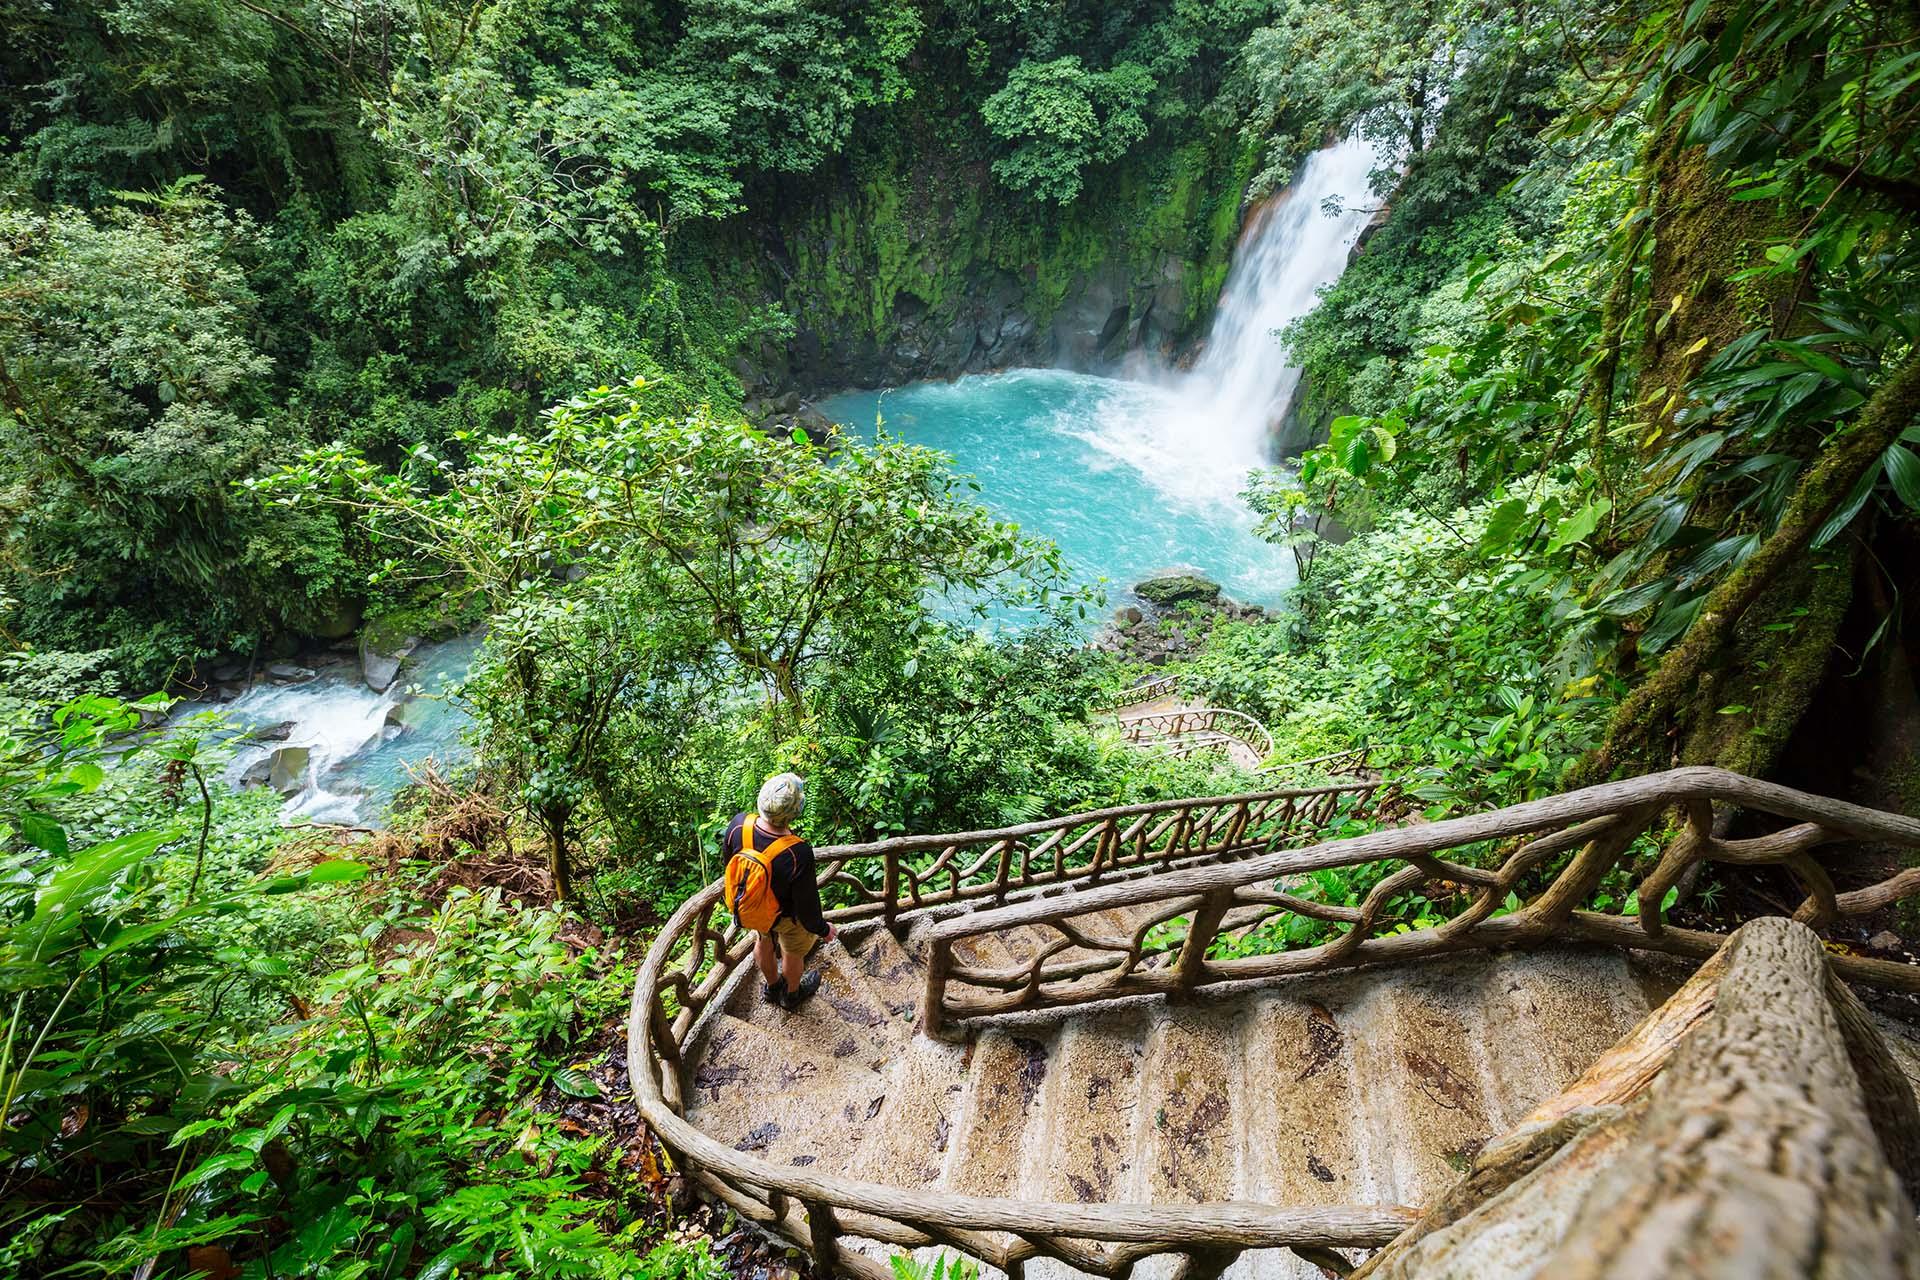 Acogedora, tranquila y progresiva, Costa Rica es uno de los destinos de turismo ecológico más importantes del mundo // Fotos: Shutterstock